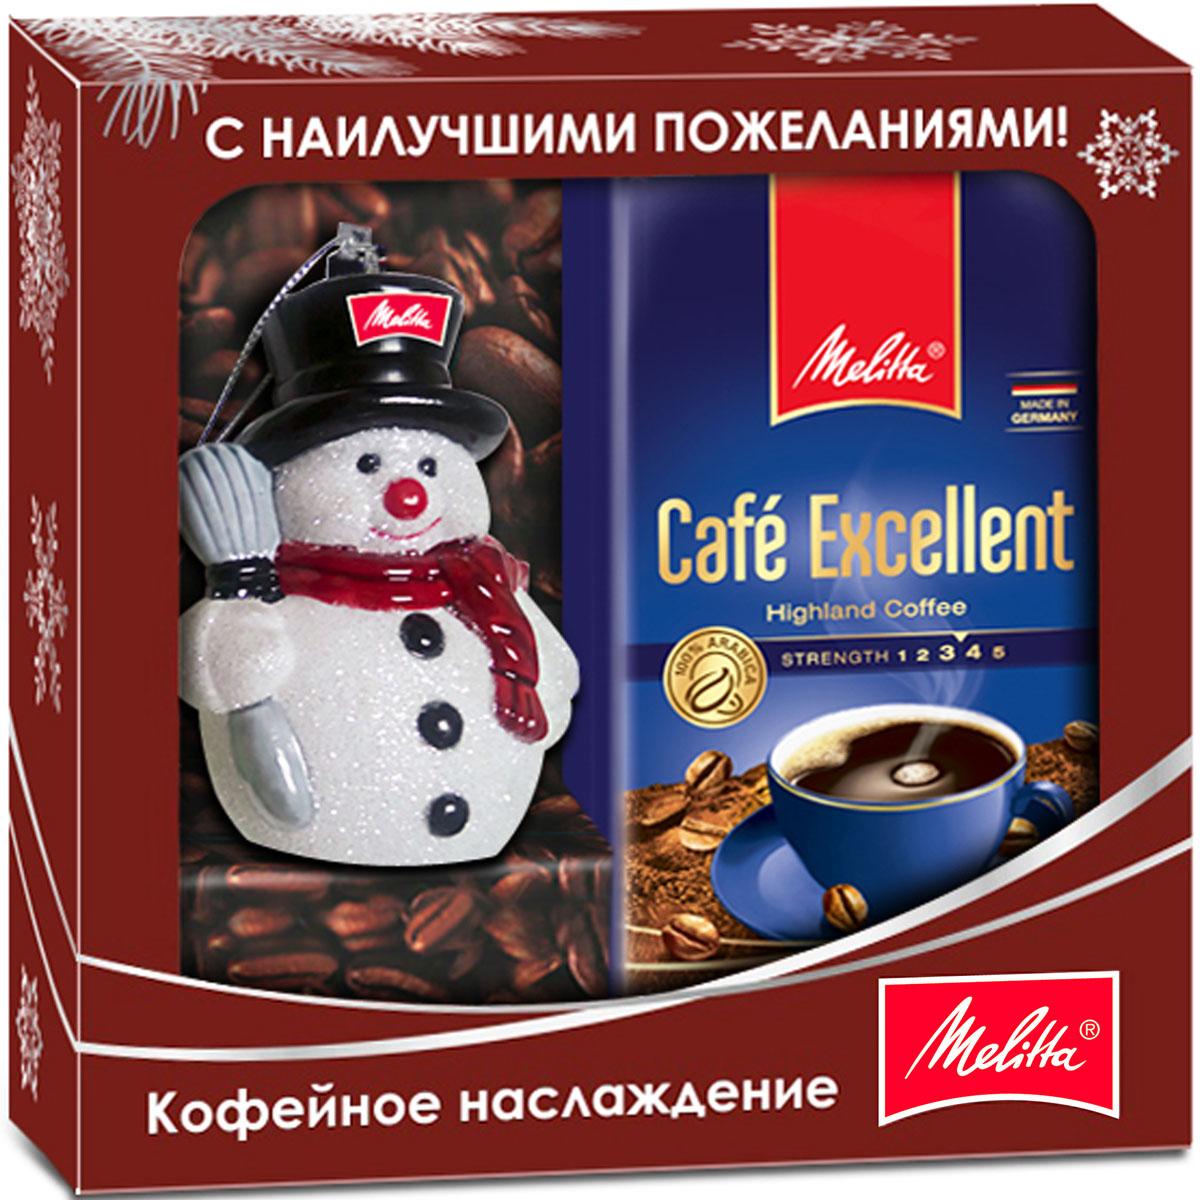 Melitta кофе Excellent, молотый, новогодняя игрушка в подарок, 250 г4650058461818Подарочный набор Melitta: Кофе молотый BellaCrema Excellent с новогодним украшением Снеговик в подарок.Melitta - один из крупнейших производителей натурального кофе в мире и один из ведущих брендов в Германии. Уже более ста лет Melitta является экспертом в области кофе. Тщательный отбор кофейных зерен, щадящая обжарка и мастерское купажирование рождают несравненный вкус, который доставит вам истинное наслаждение, подарит бодрость и энергию.Способ приготовления кофе: 2 чайные ложки (6-8г) на чашку (120 мл).Для приготовления в капельных кофеварках, турке или прямо в чашке, заварив горячей водой.Кофе: мифы и факты. Статья OZON Гид